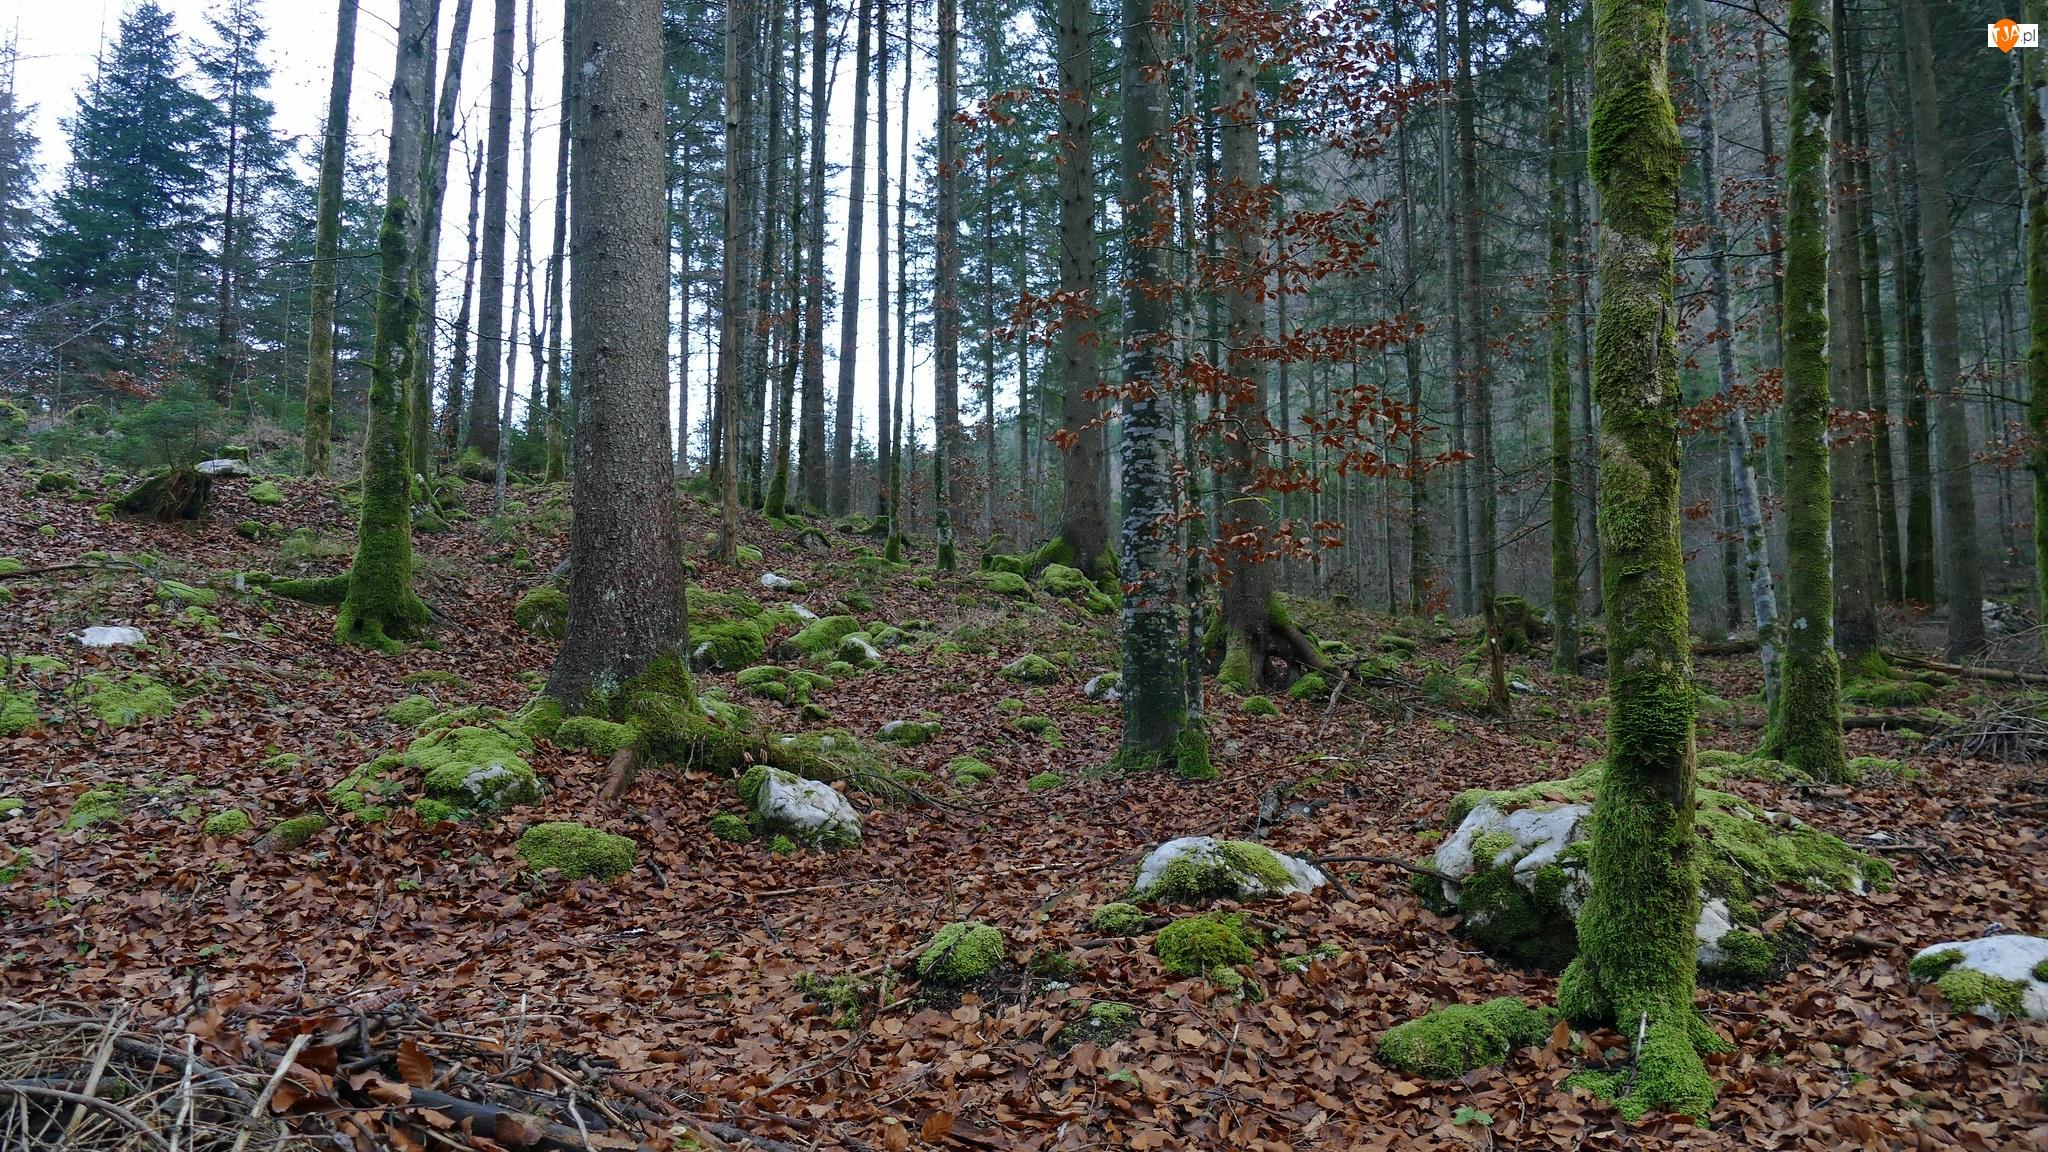 Omszałe, Kamienie, Drzewa, Las, Pnie